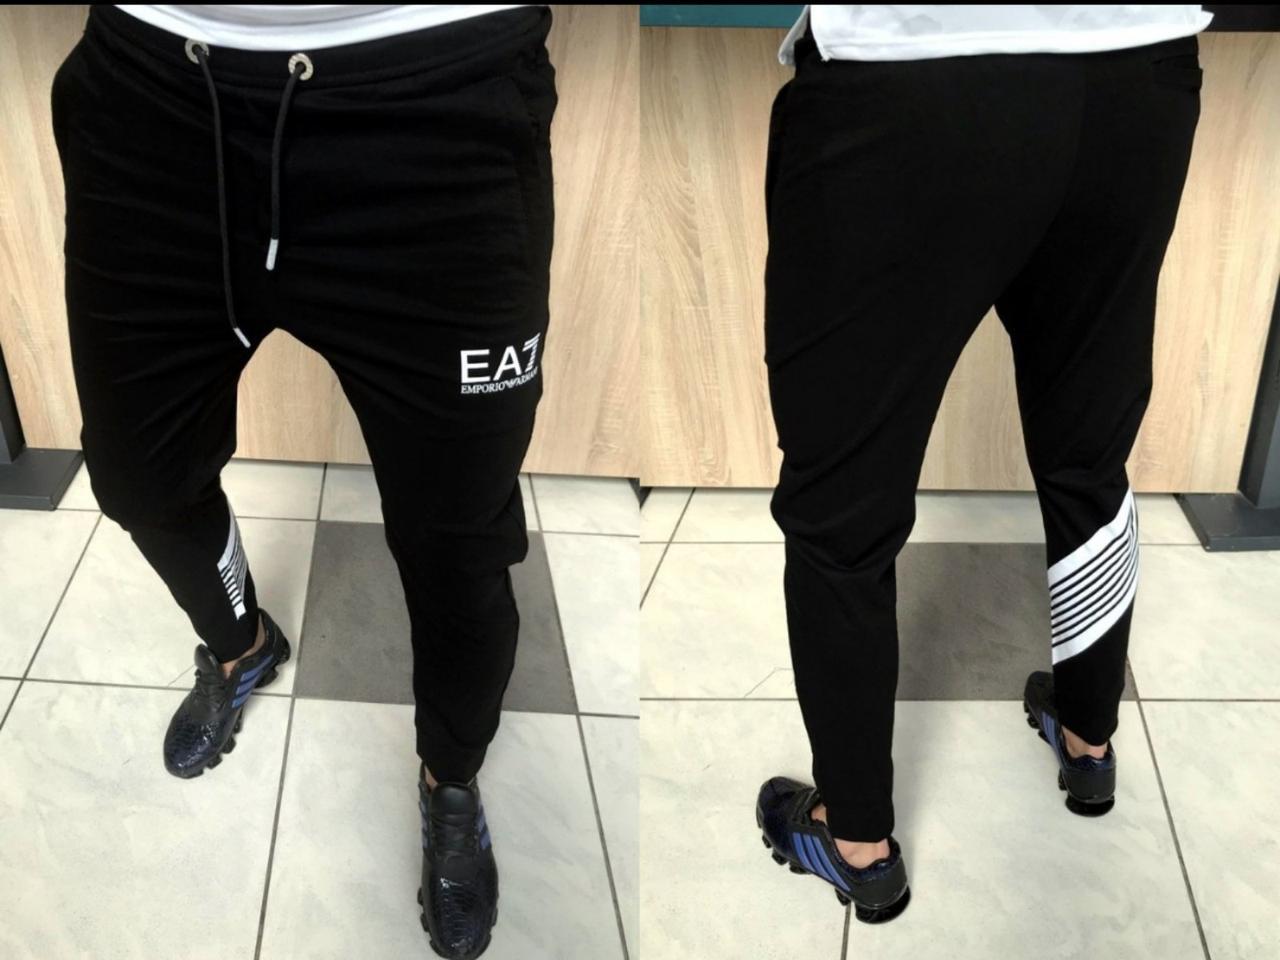 Чоловічі спортивні штани EA7. Відмінна якість! Розміри: 30, 31, 33, 34, 36 . Легка літня модель.